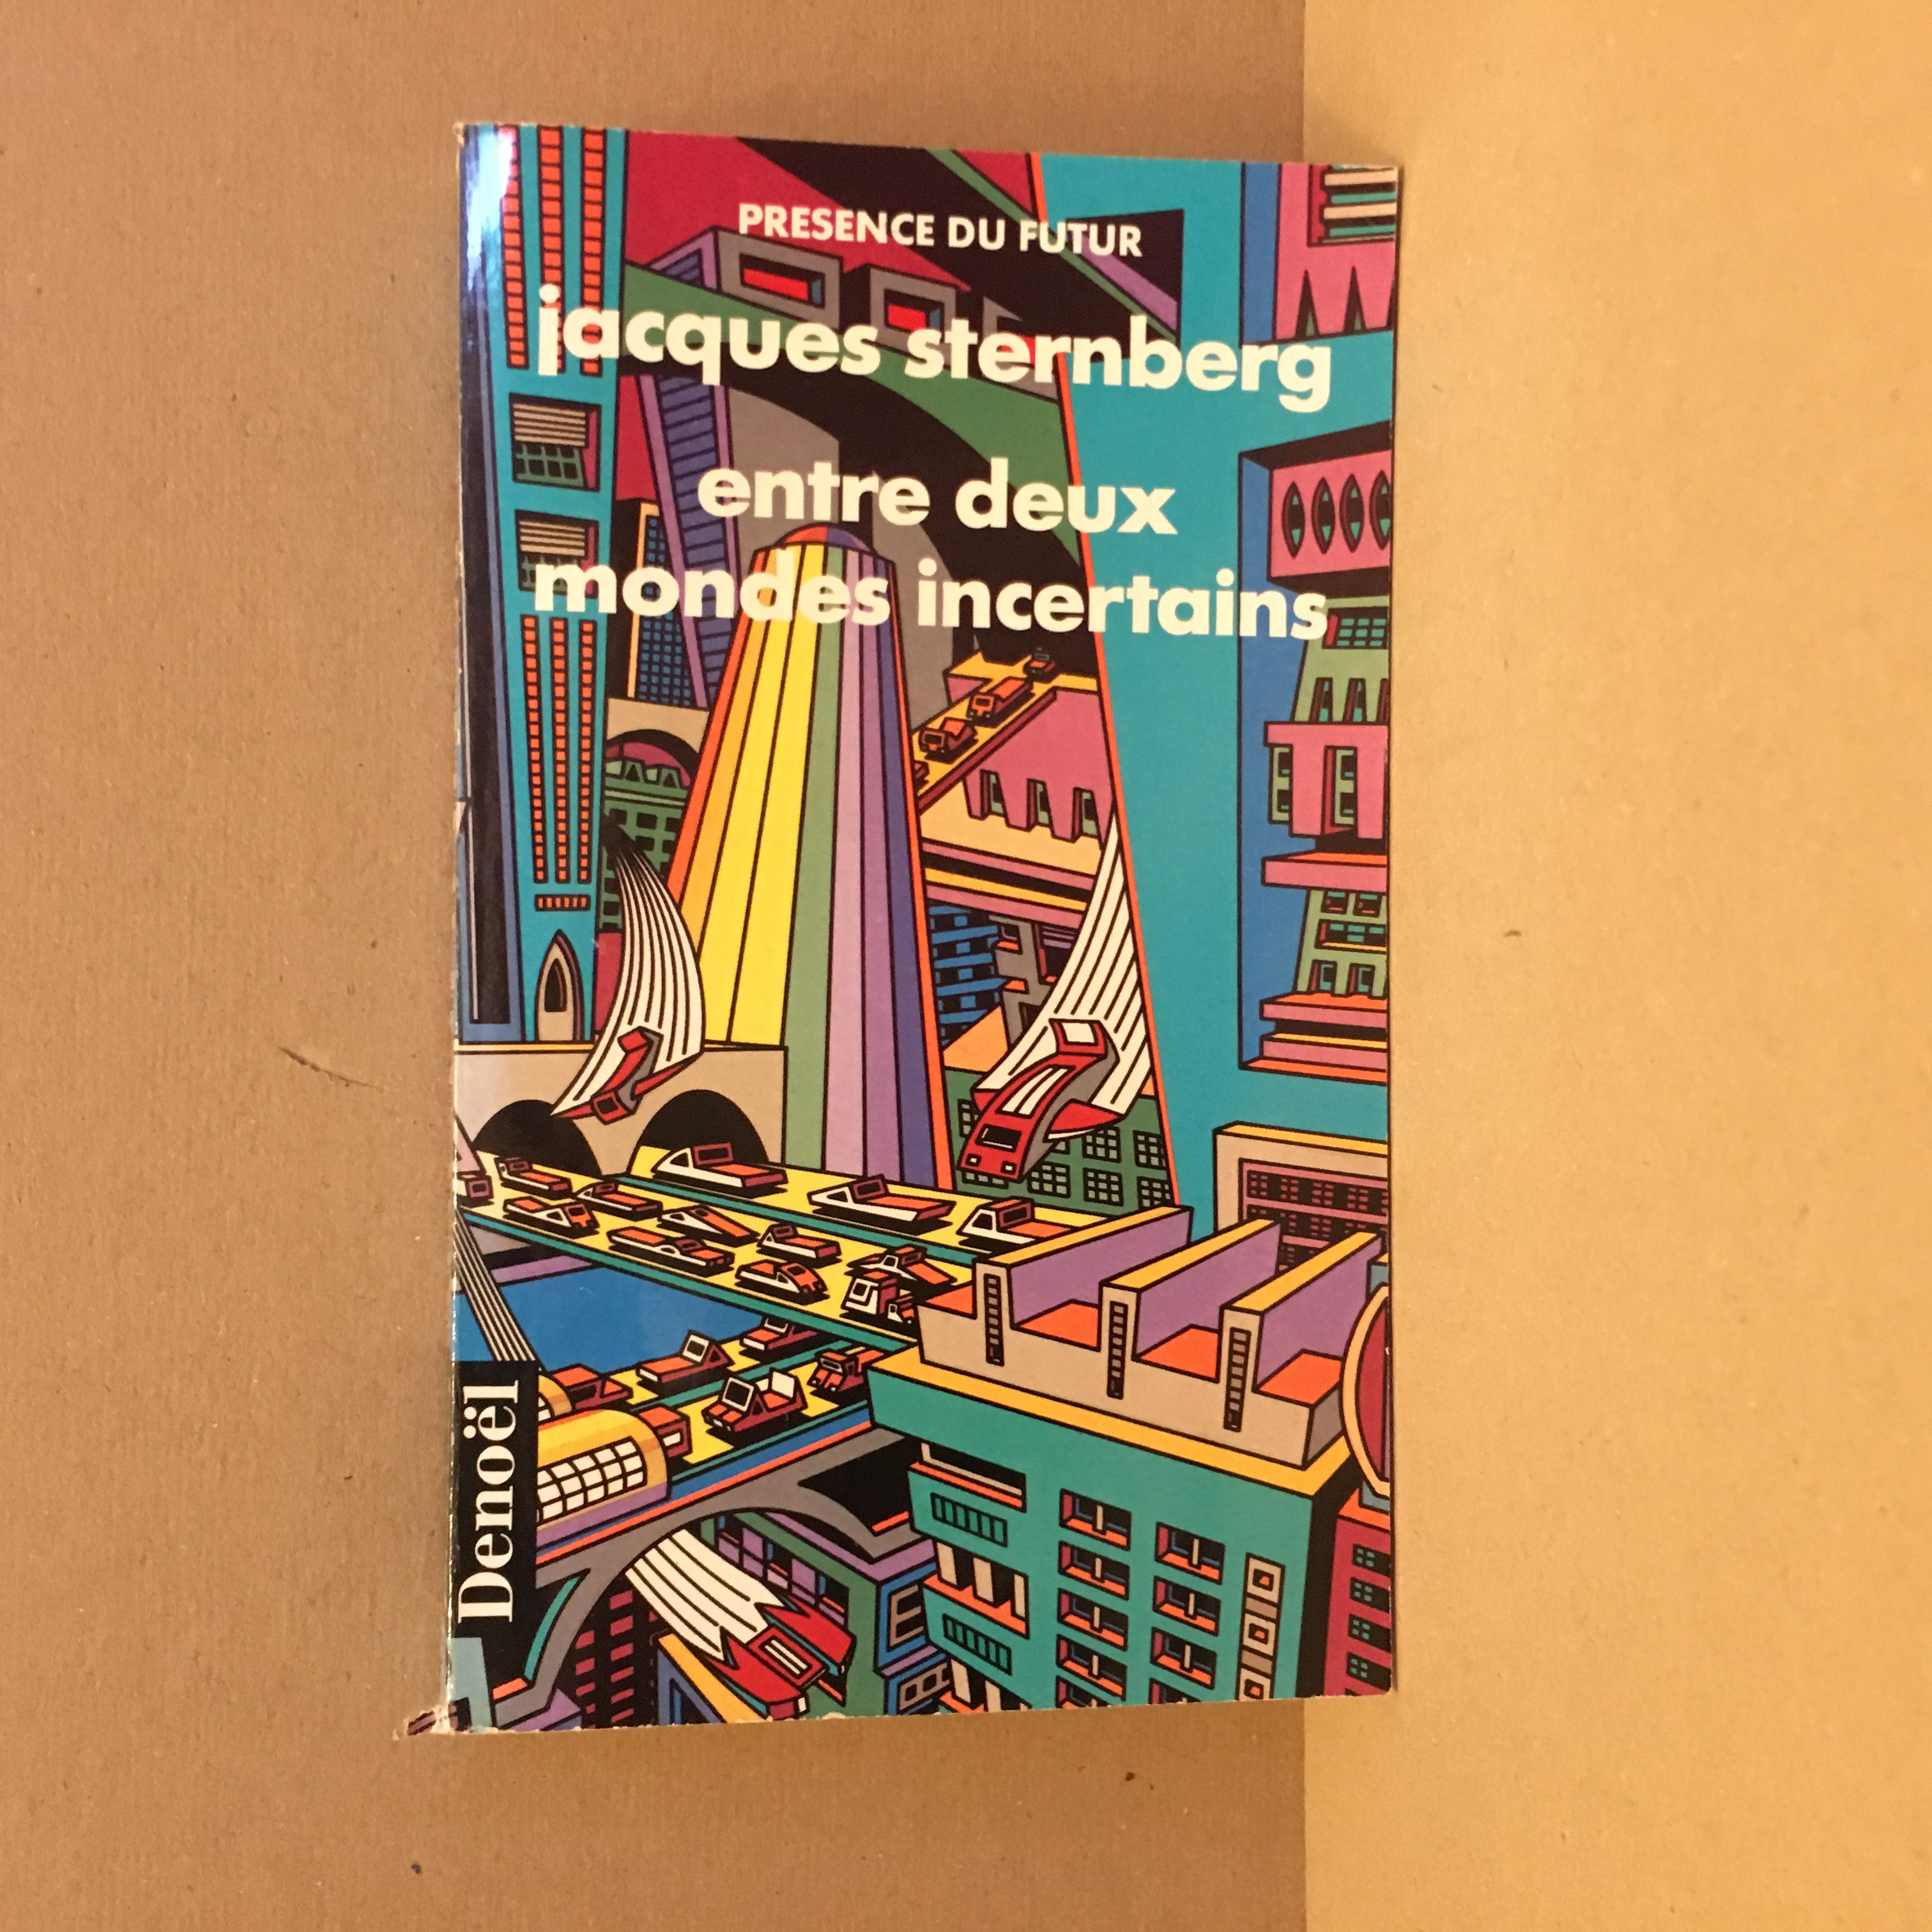 entre deux mondes incertains de jacques sternberg pr sence du futur n 21 librairie scylla. Black Bedroom Furniture Sets. Home Design Ideas